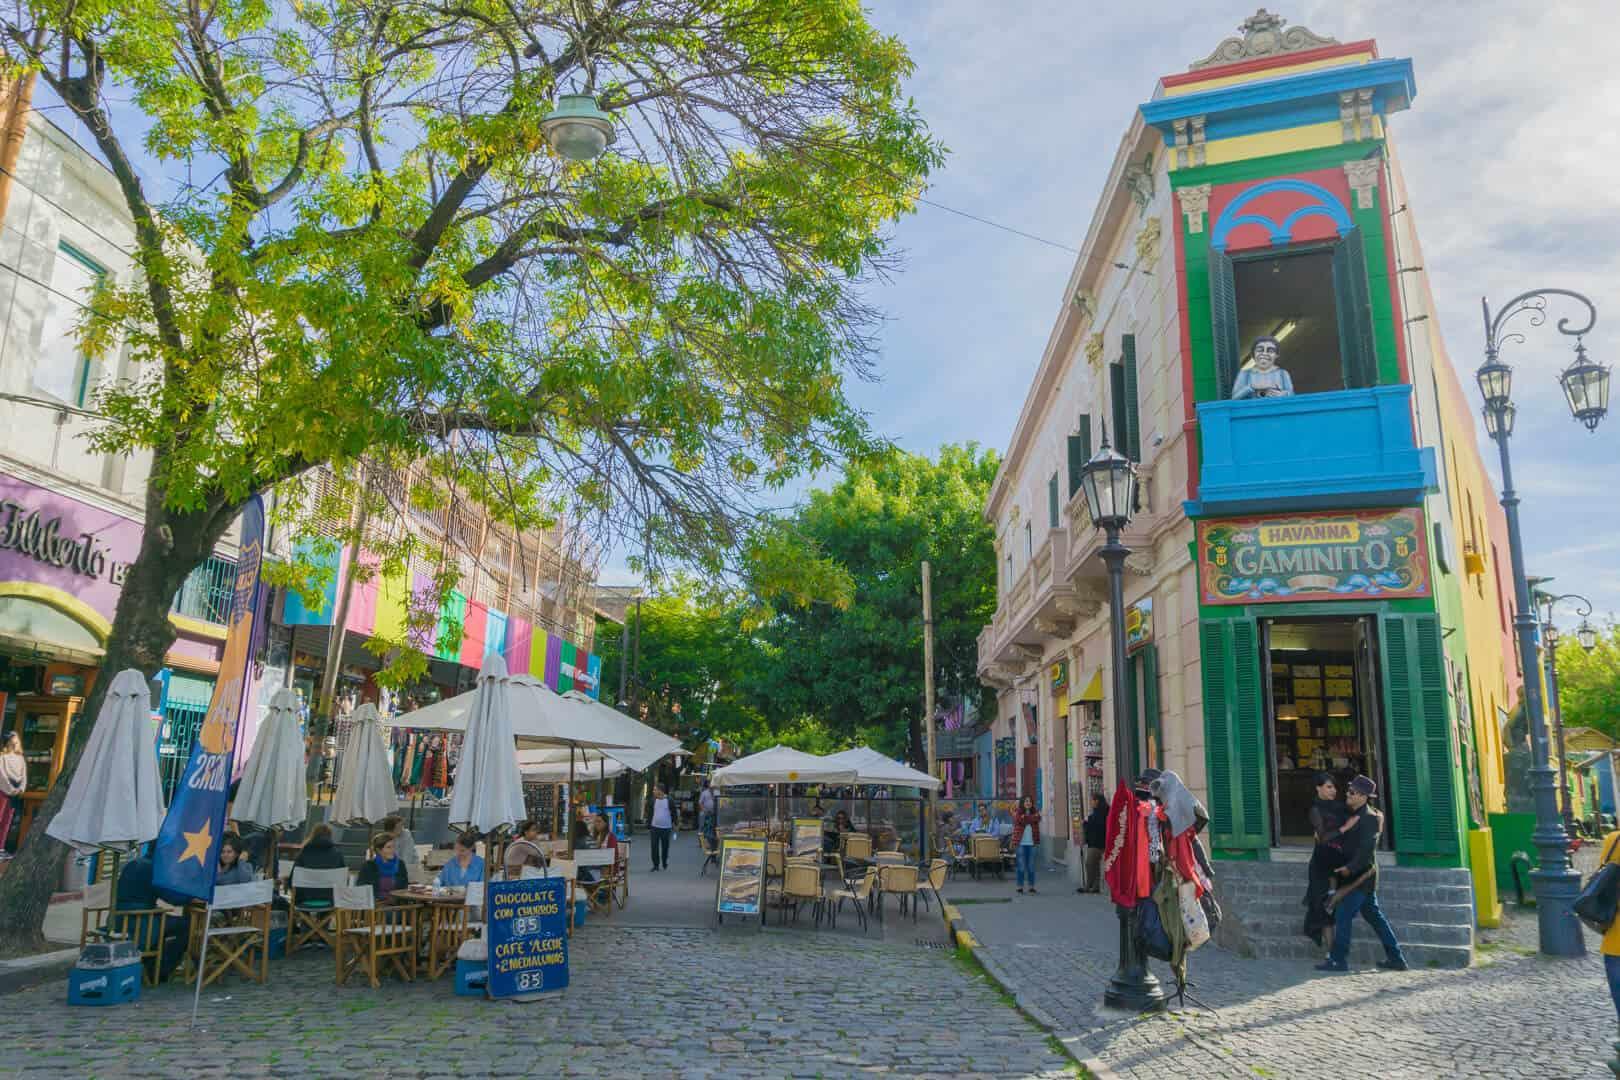 Beginning of Caminita Street in La Boca